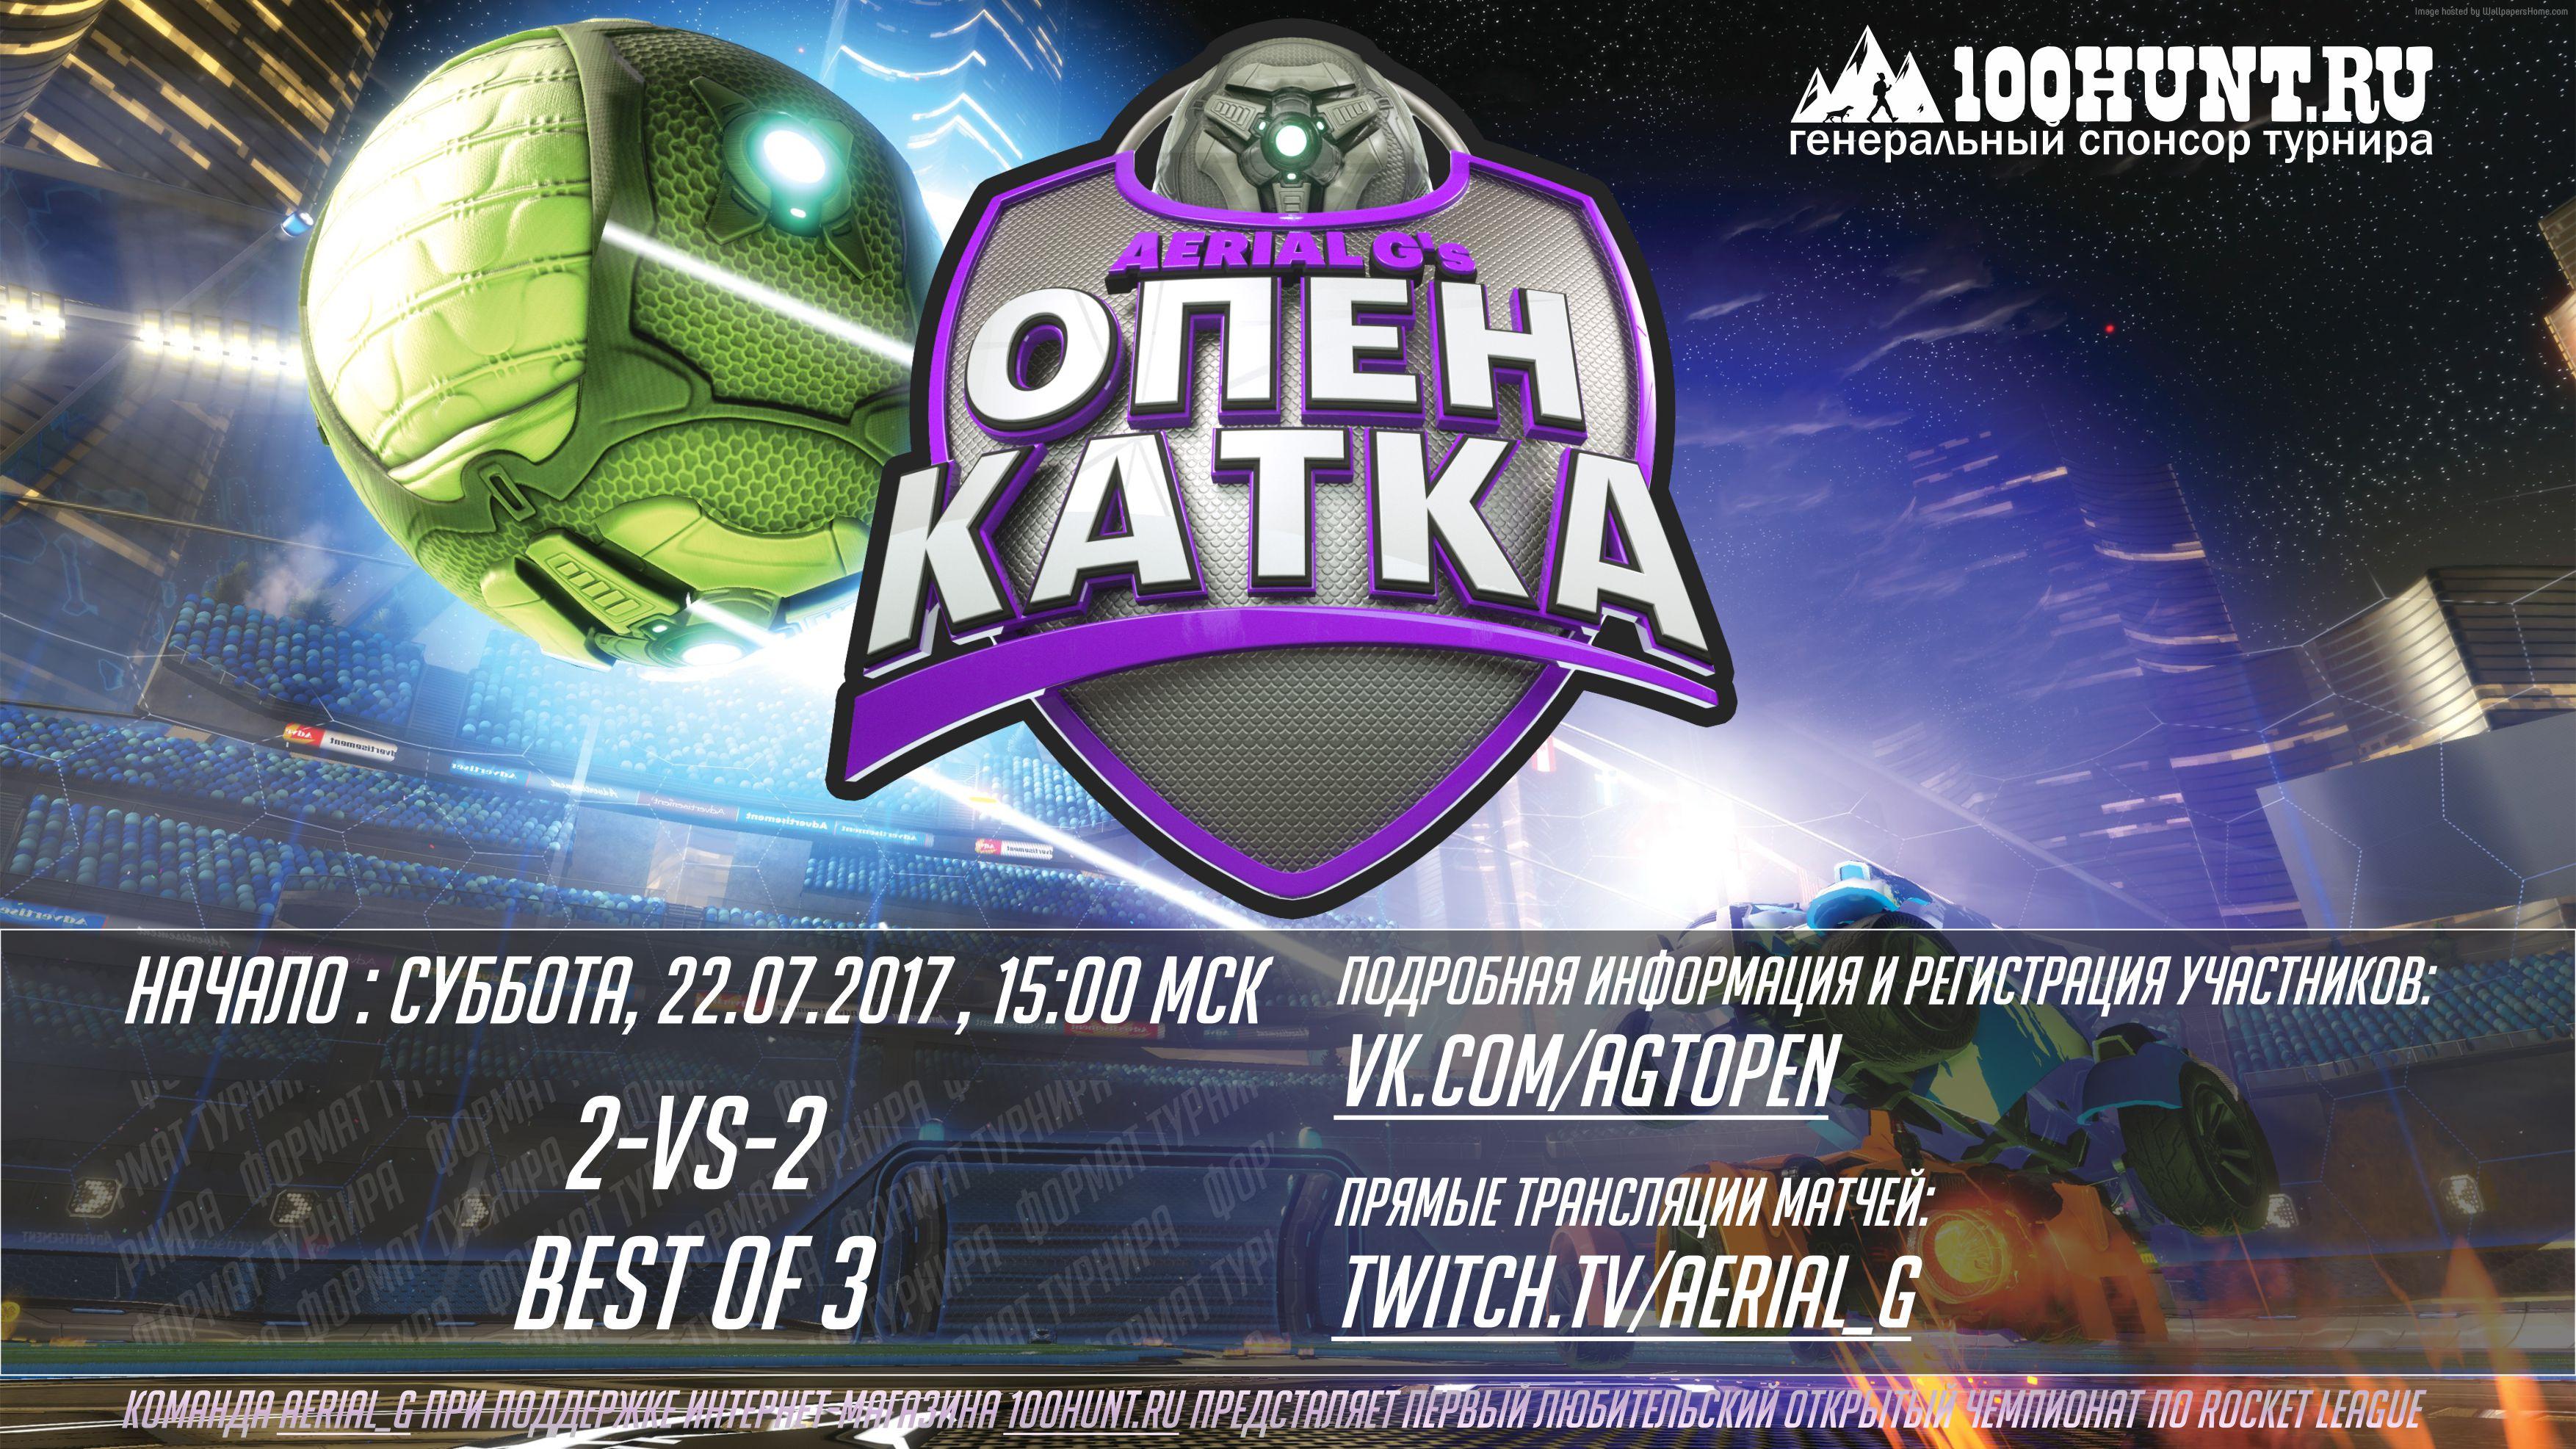 [Rocket League] ОПЕН КАТКА #1. - Изображение 2